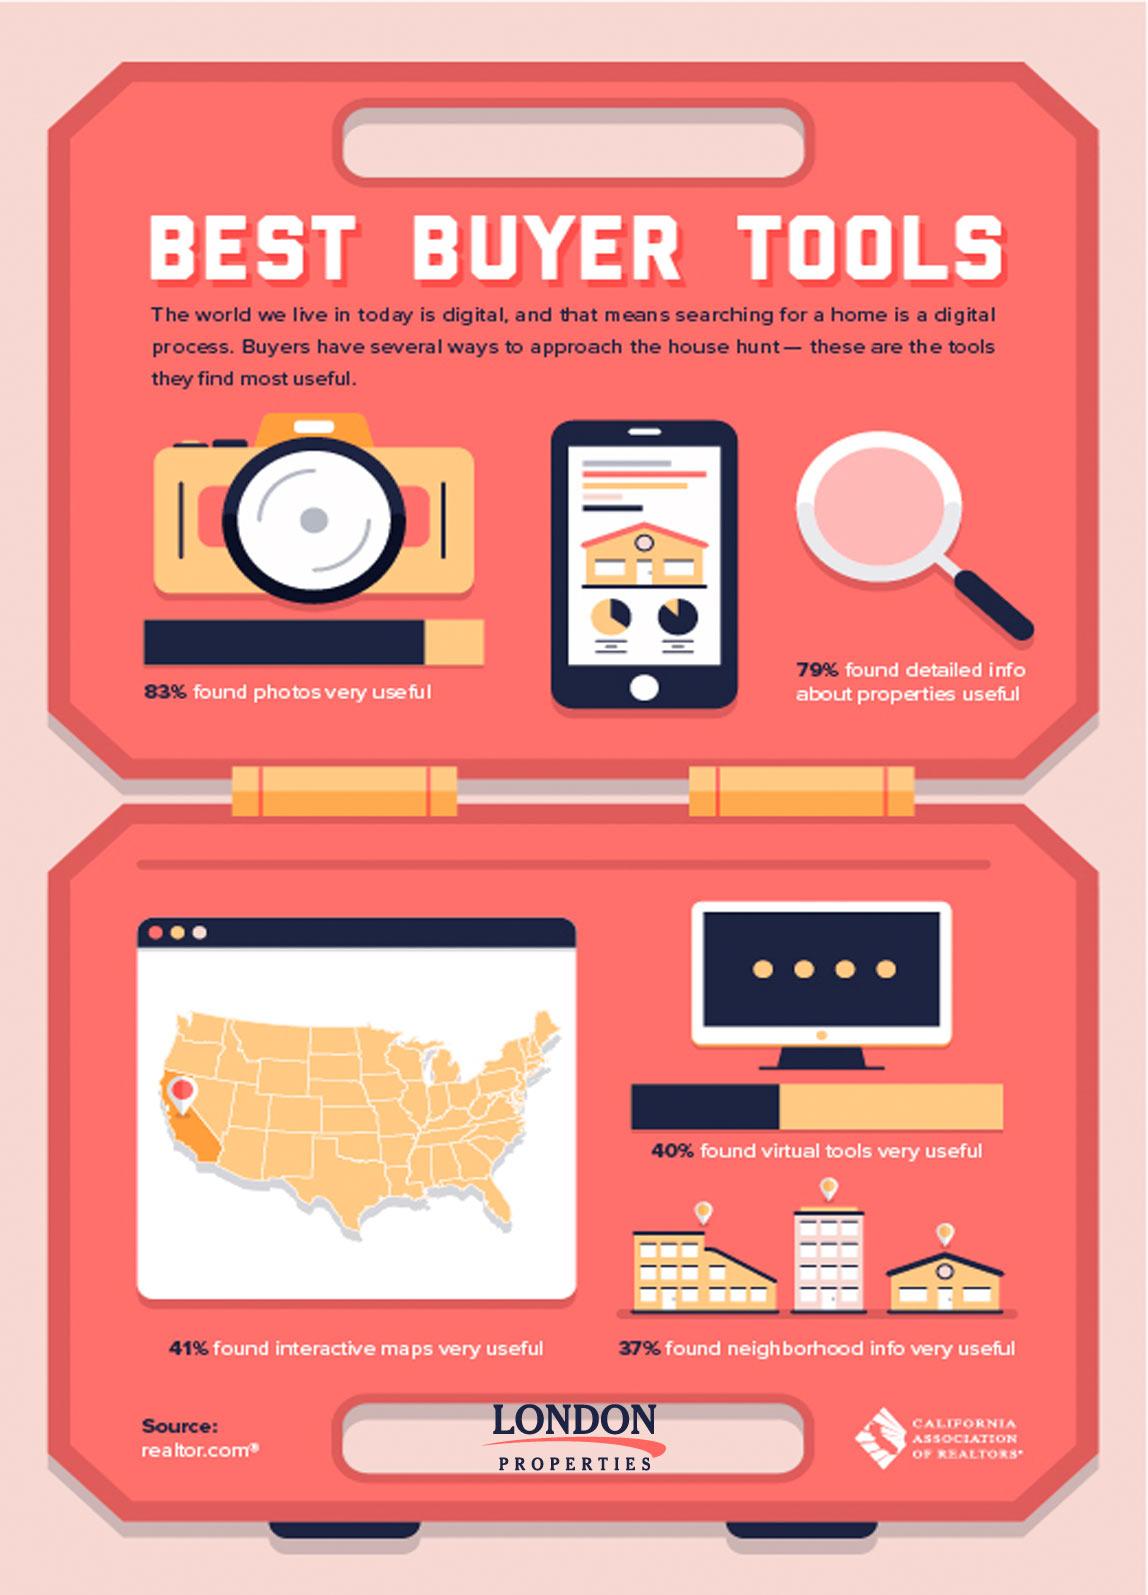 Best Buyer Tools